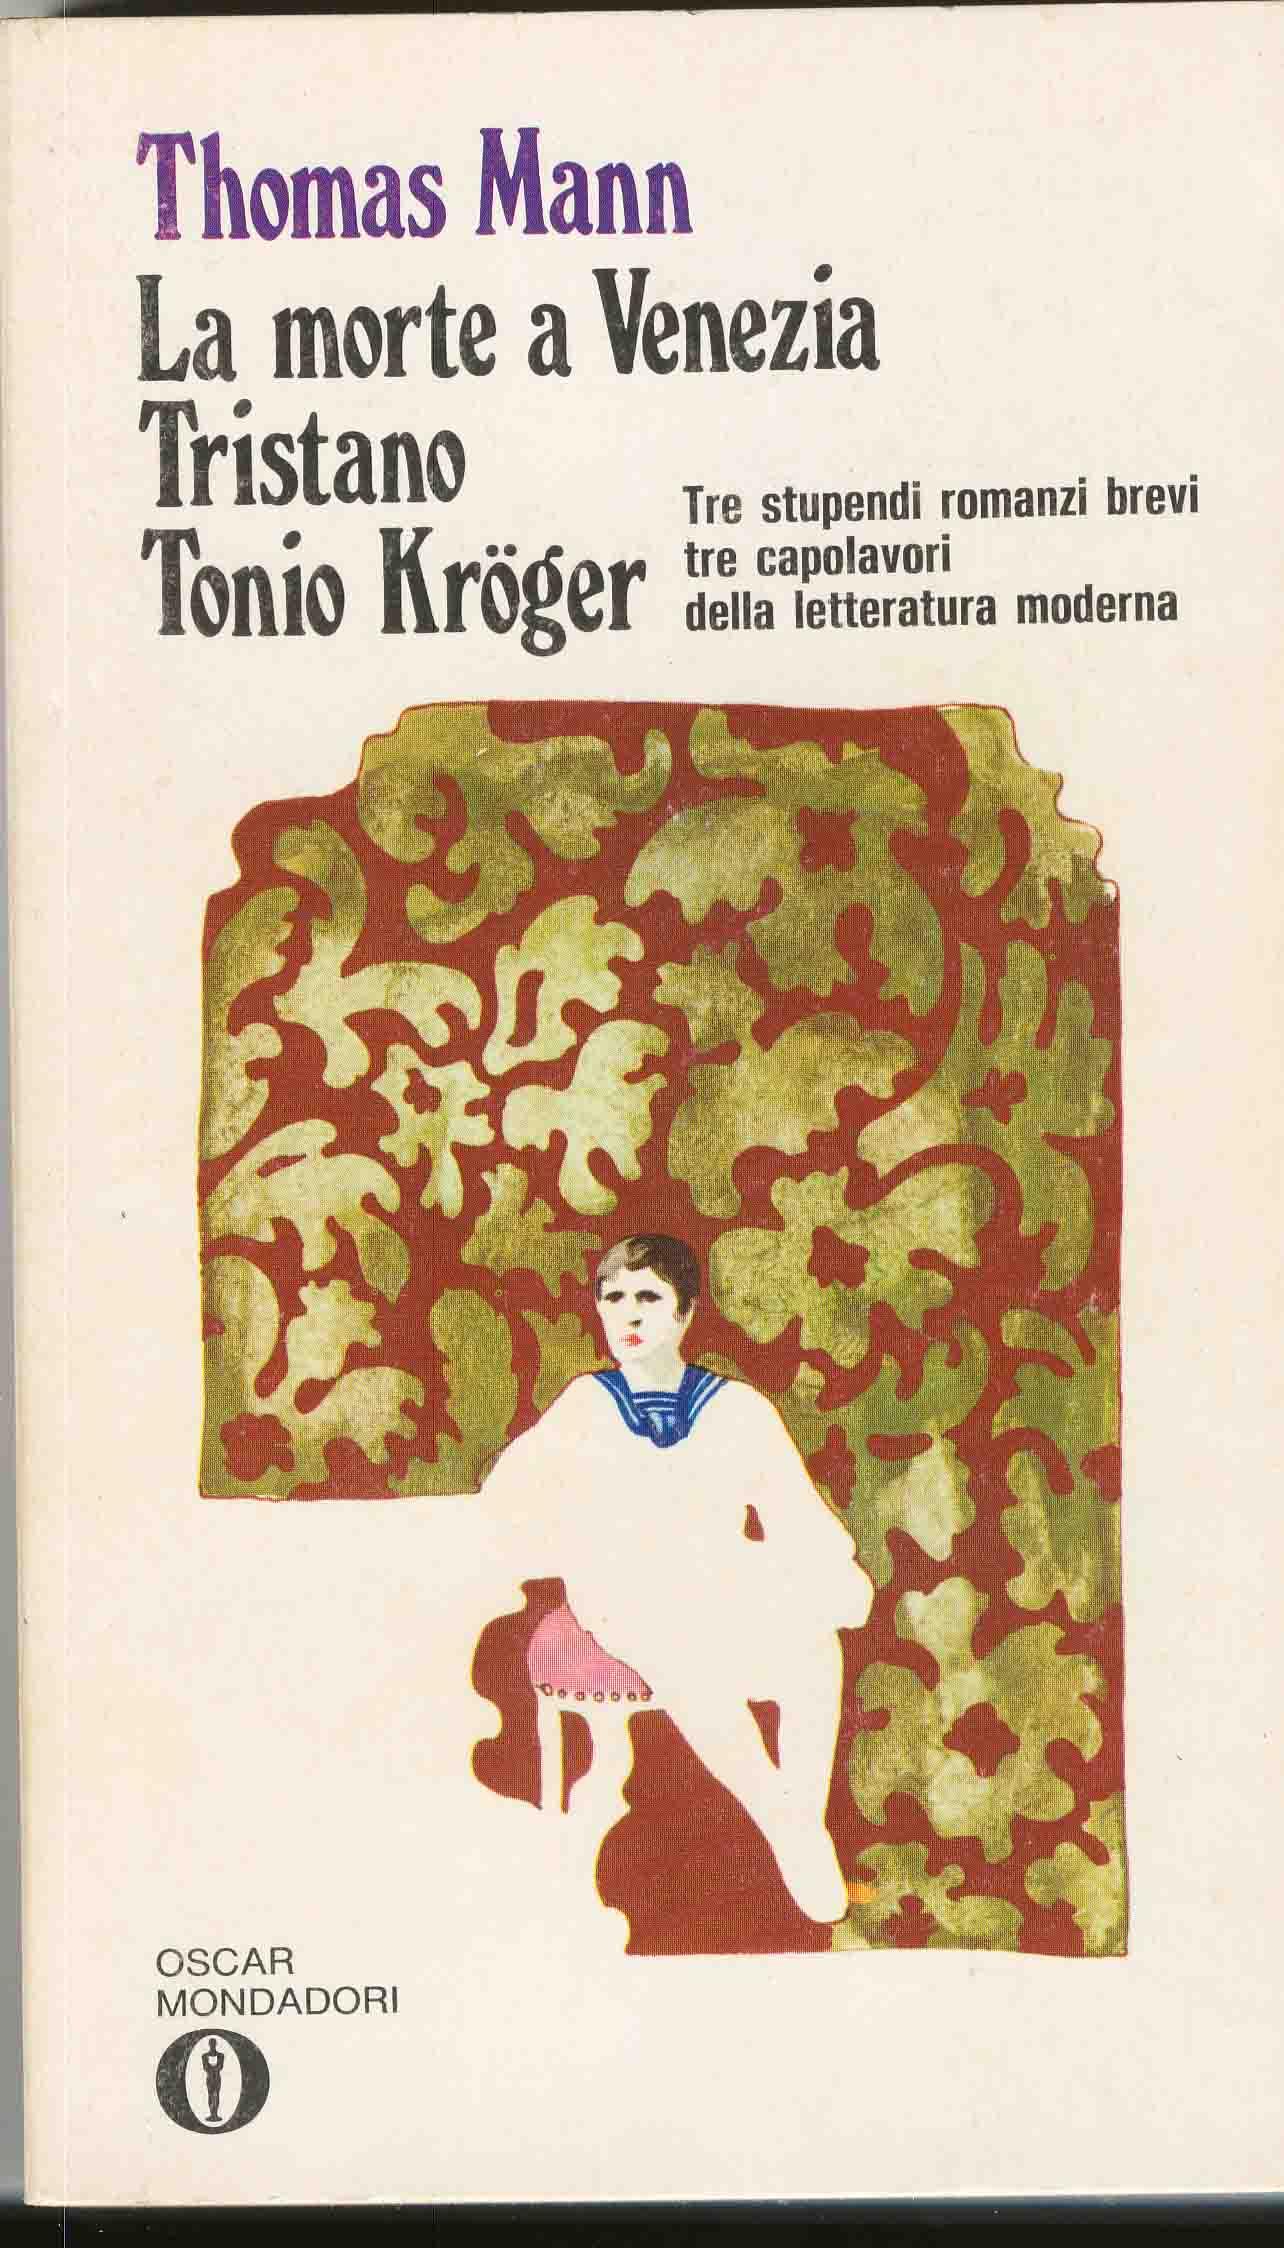 La morte a Venezia. Tristano. Tonio Kröger.